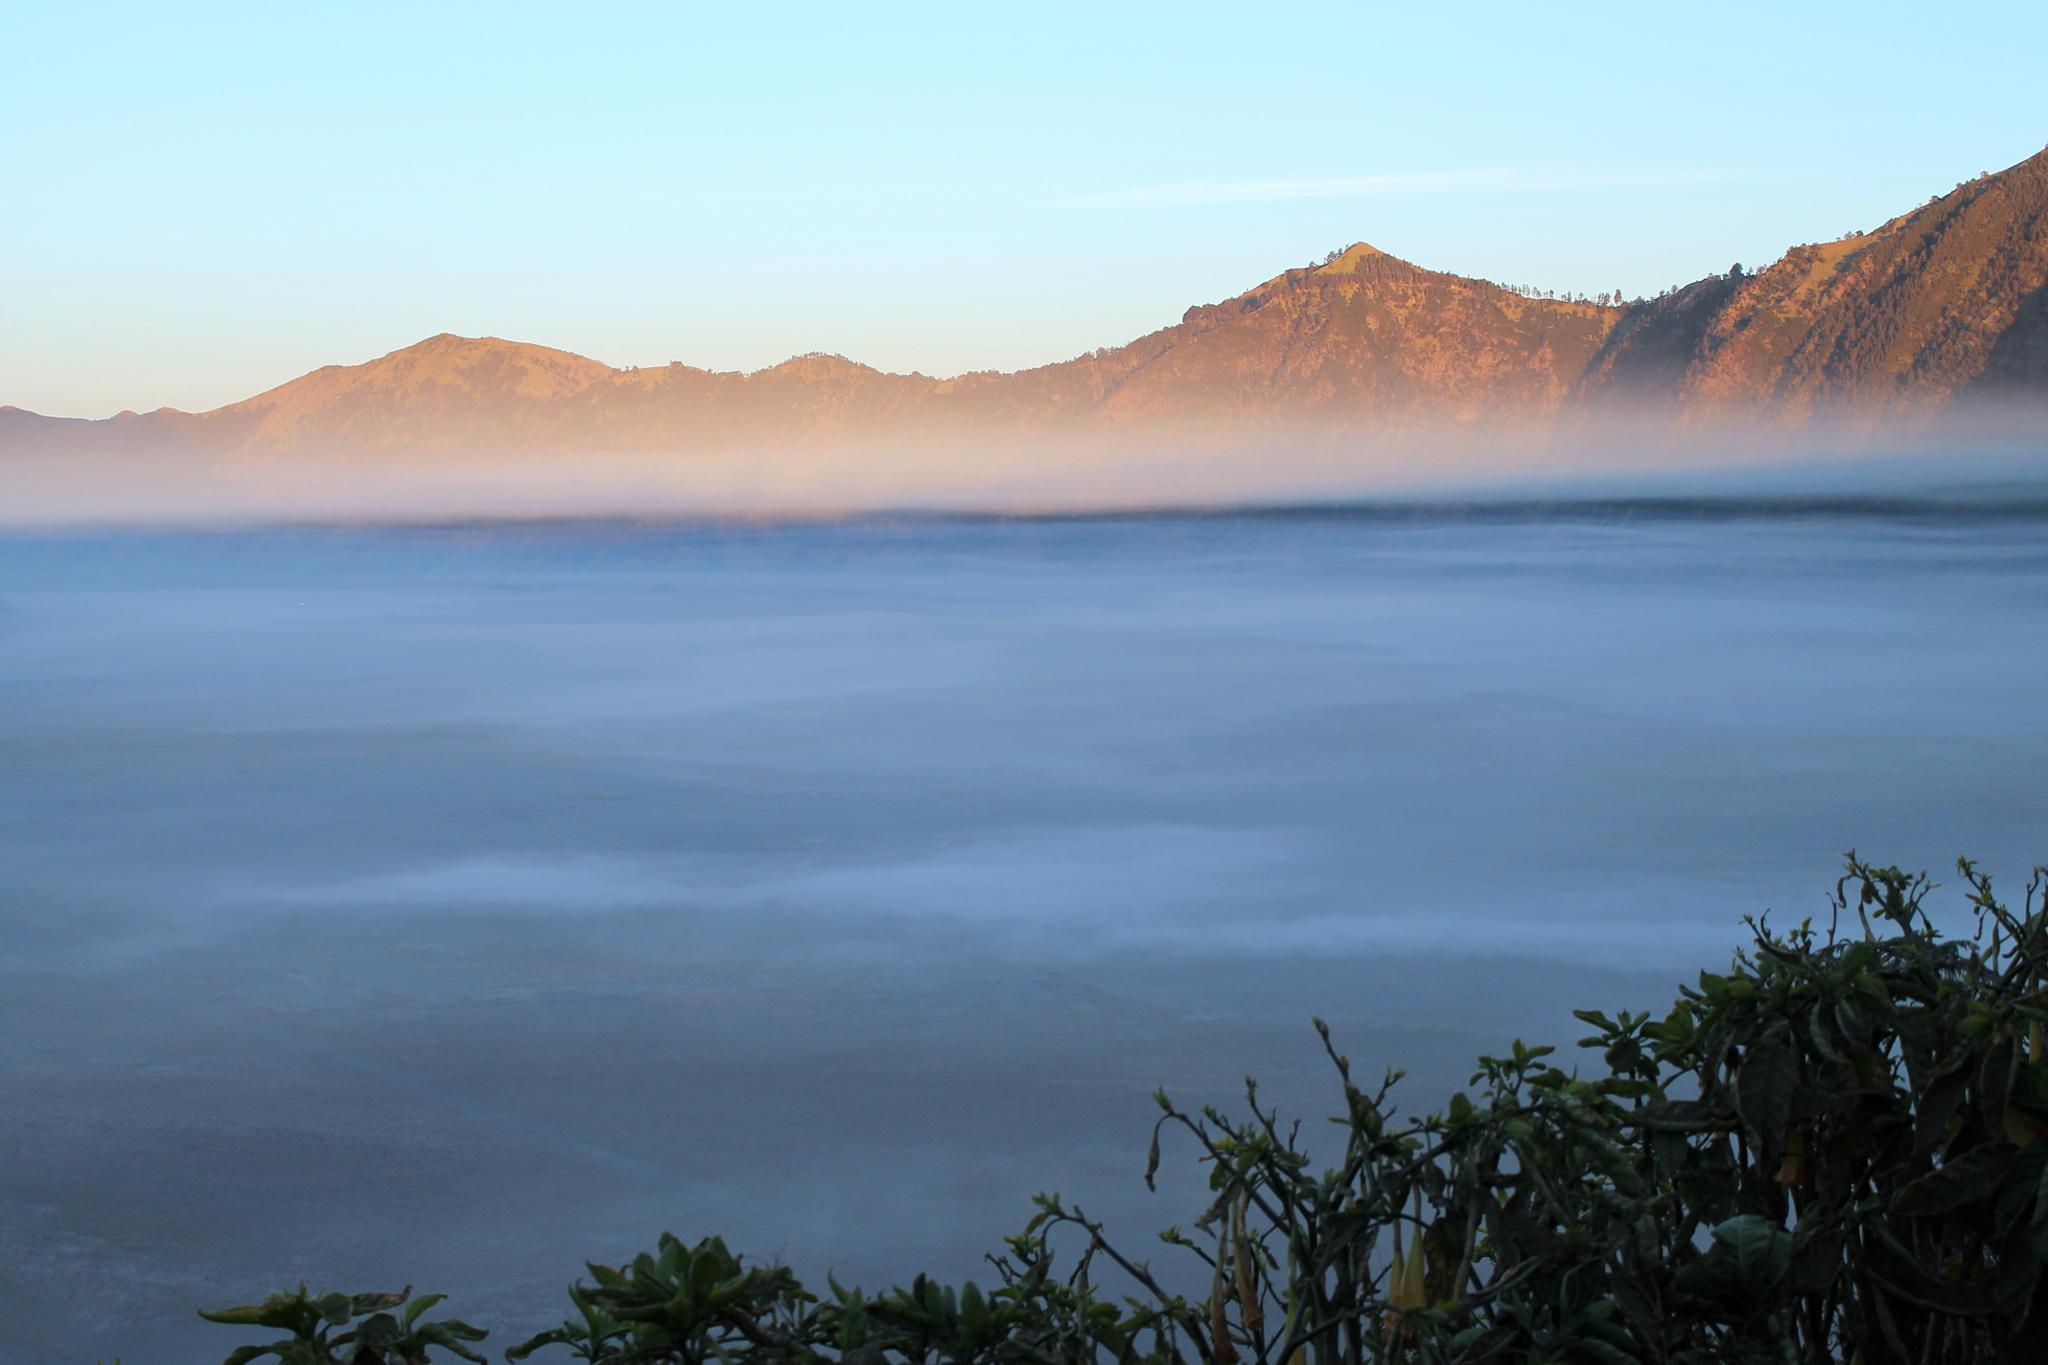 lautan kabut (fog ocean) by Marianingsih